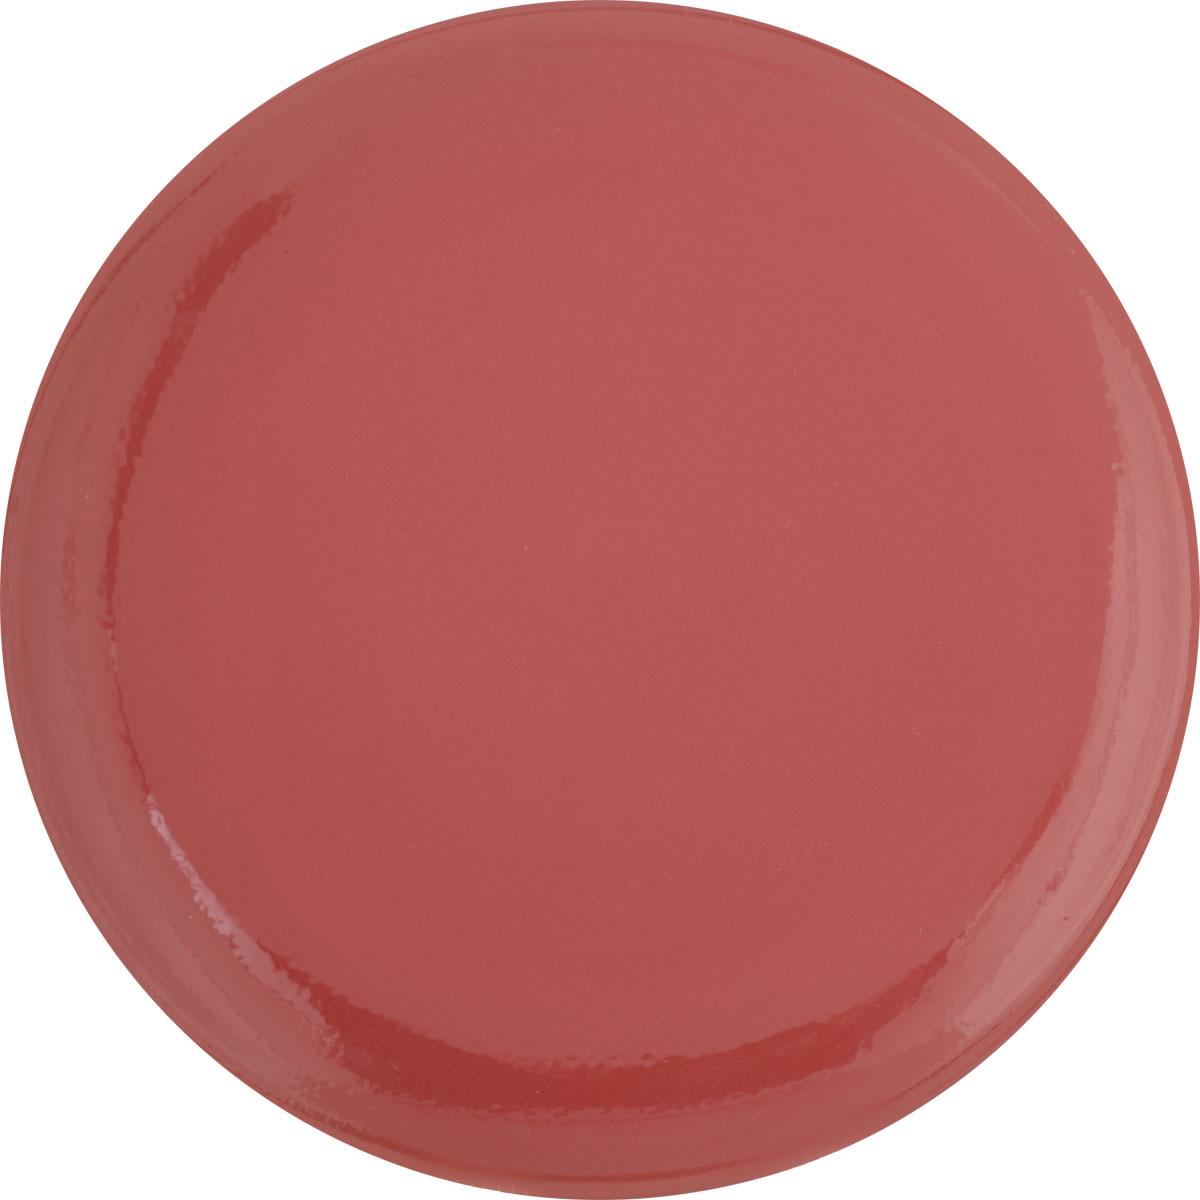 """Тарелка Борисовская керамика """"Радуга"""" выполнена из высококачественной керамики. Изделие идеально подойдет для сервировки стола и станет отличным подарком к любому празднику. Можно использовать в духовке и микроволновой печи."""